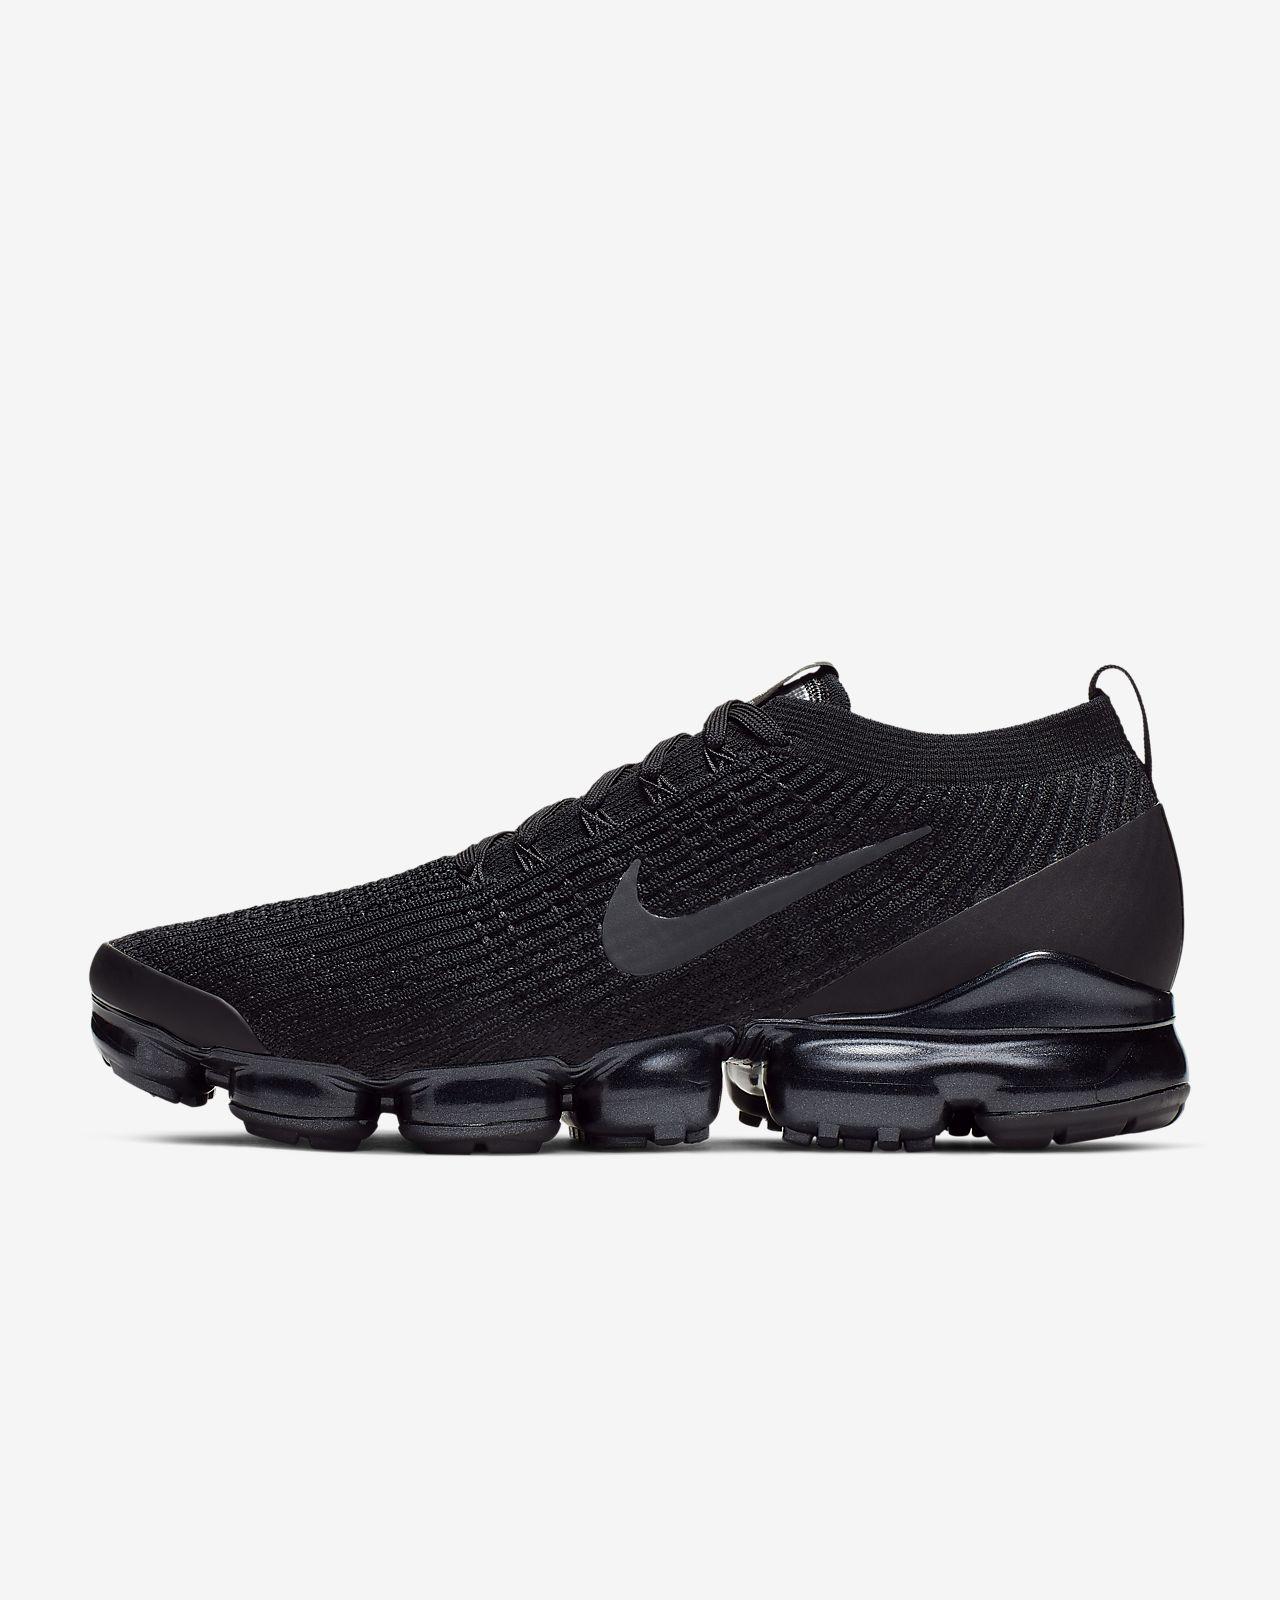 new styles e46a5 2a4c8 ... Sko Nike Air VaporMax Flyknit 3 för män